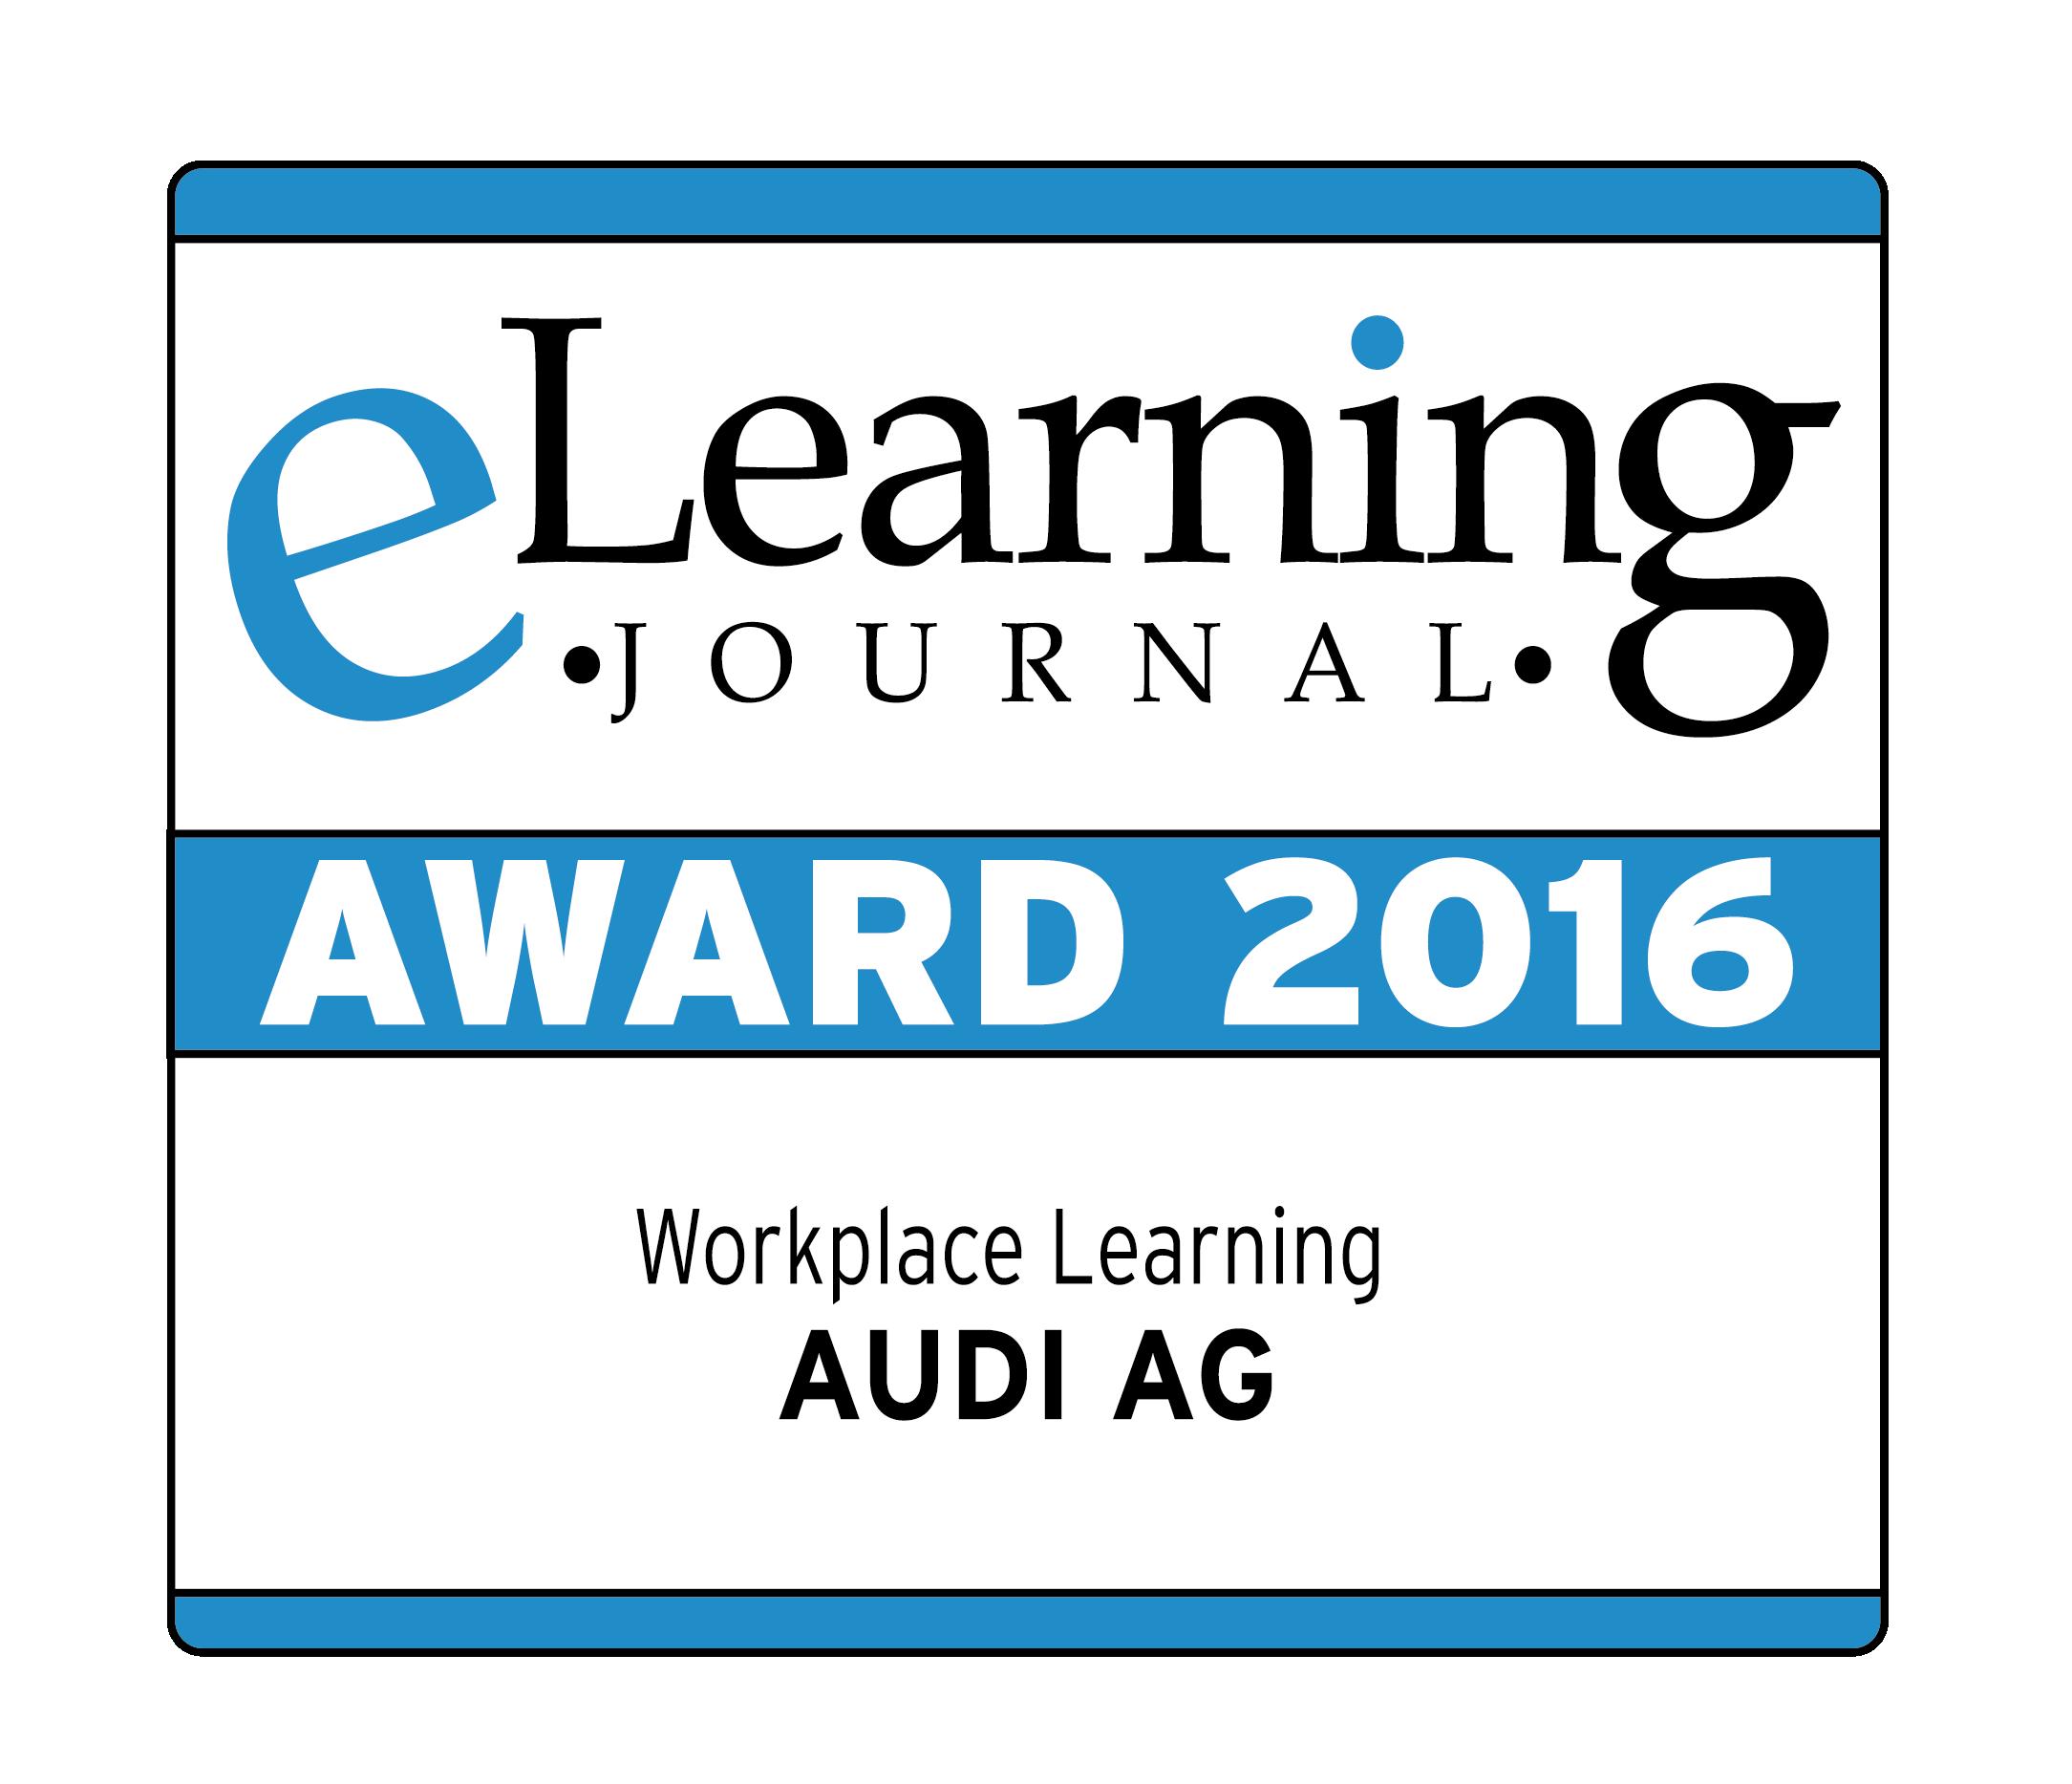 eLJ_AWARD2016_AUDI_2.png